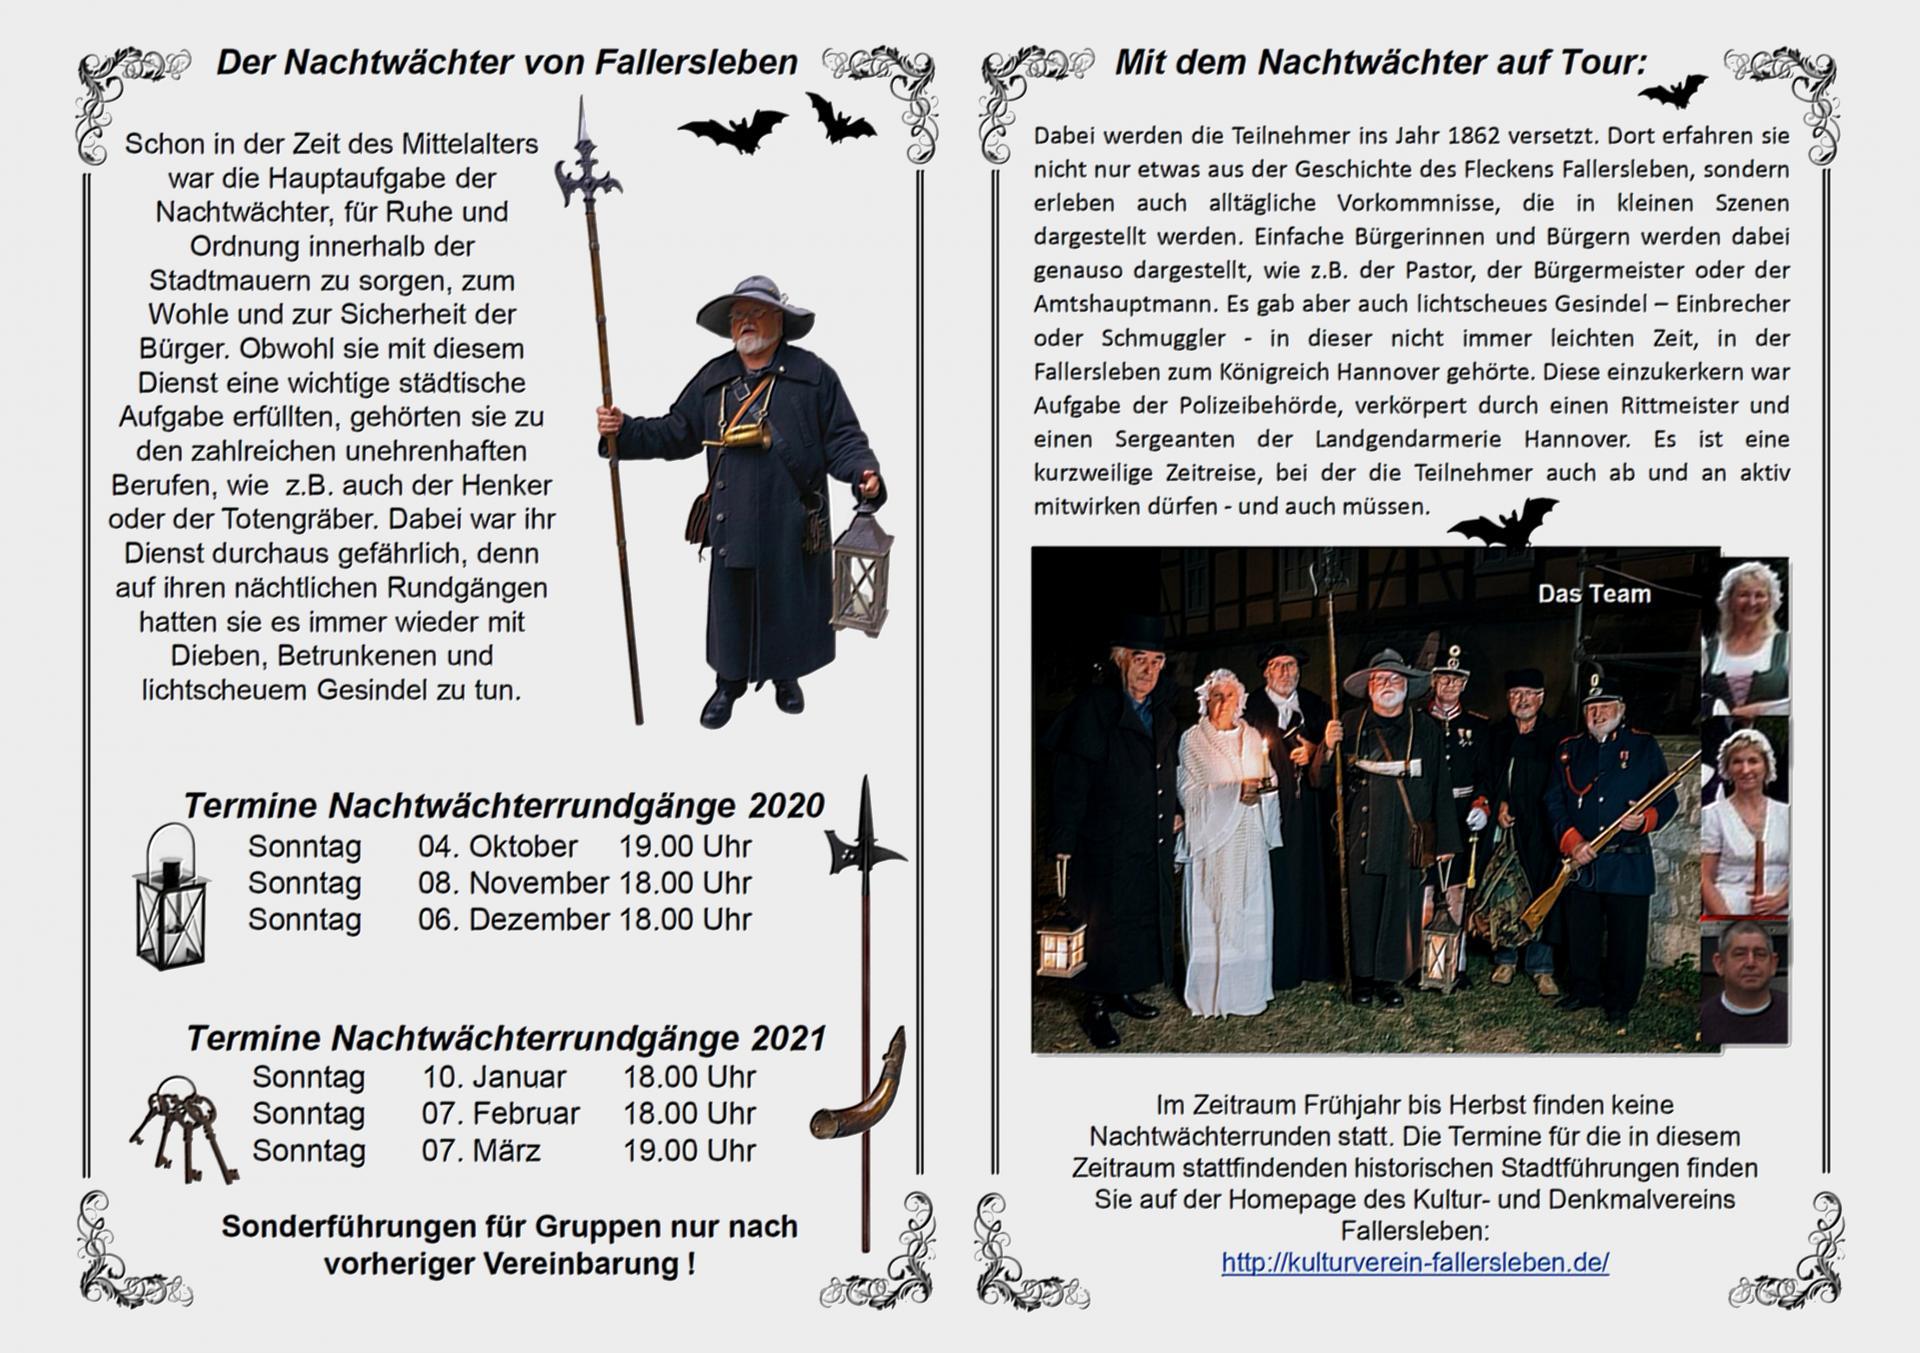 Flyer Nachtwächterrundgänge 2020/21 Seite 2